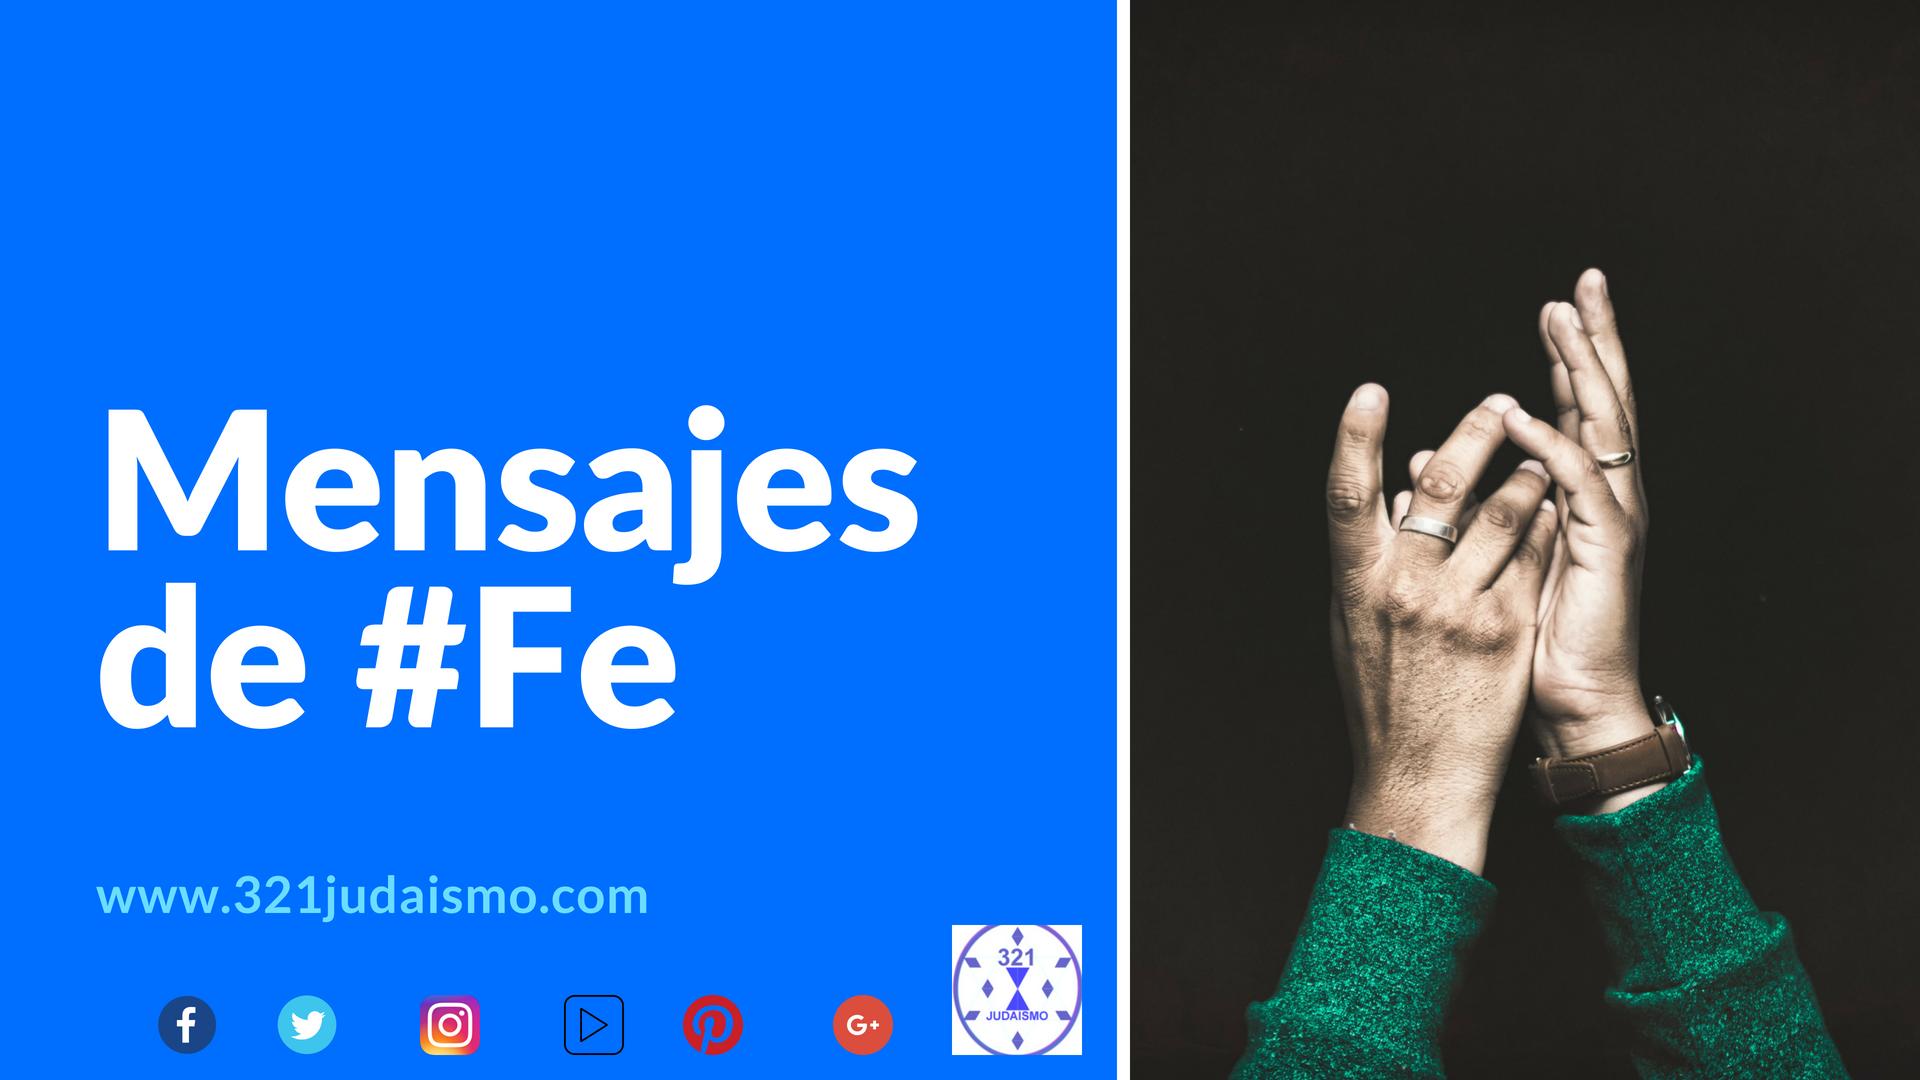 Mensajes de Fe Semana 3 del año 5775